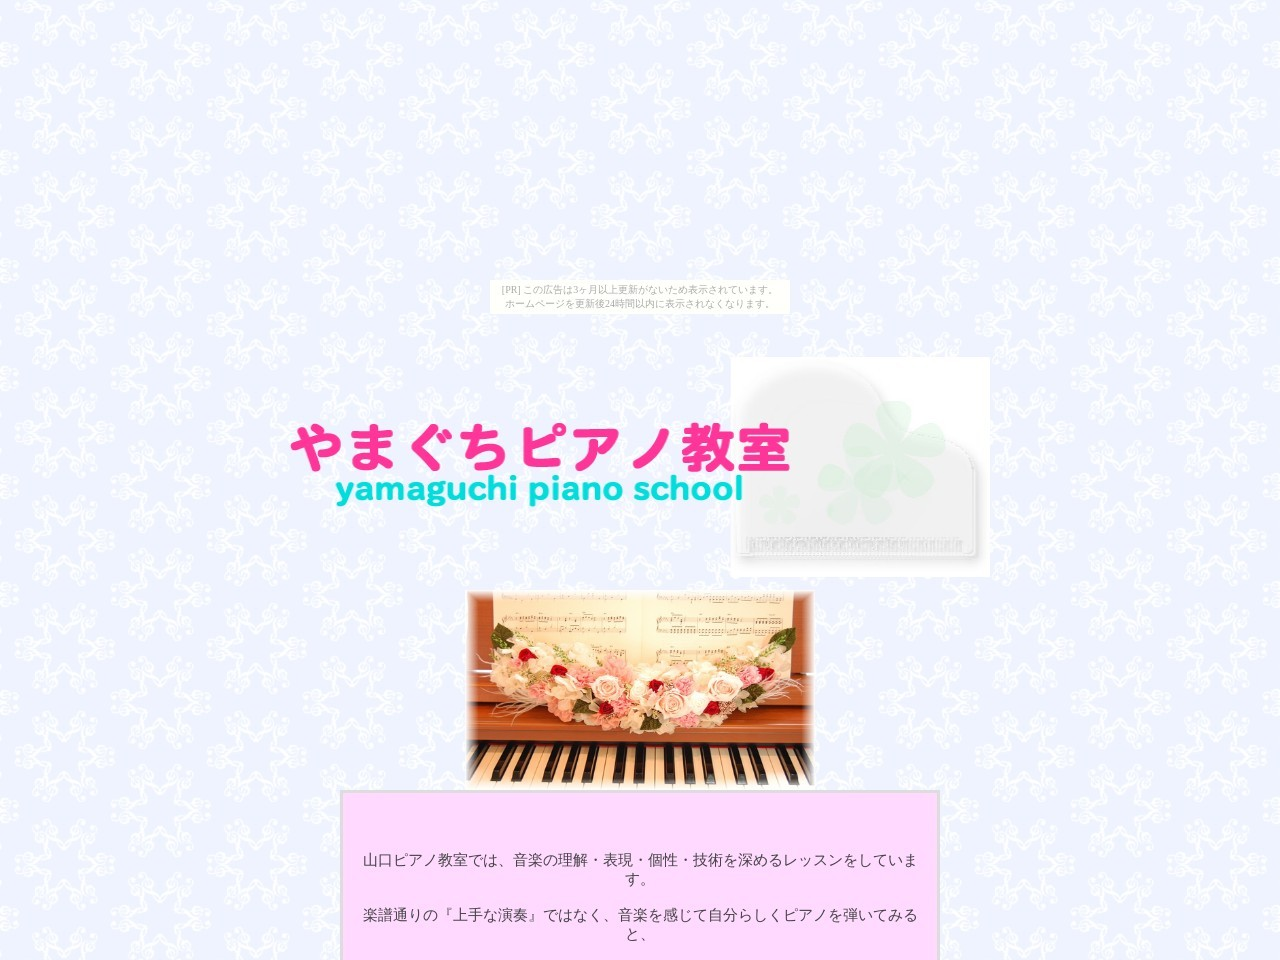 やまぐちピアノ教室のサムネイル